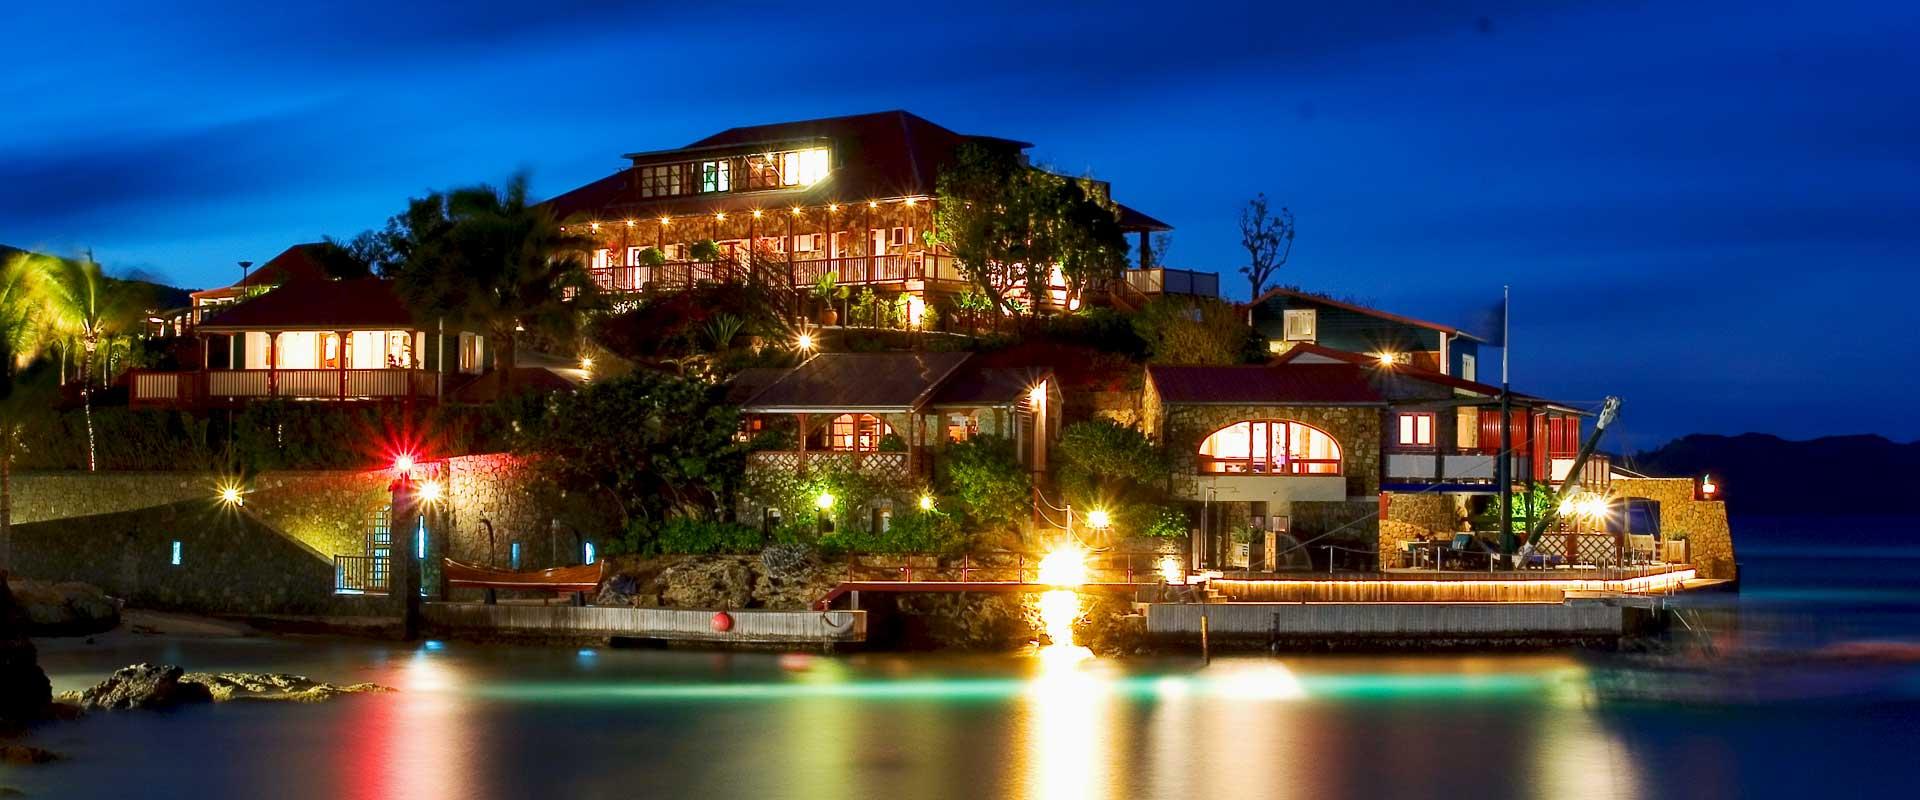 Eden Rock Hotel, St Barths